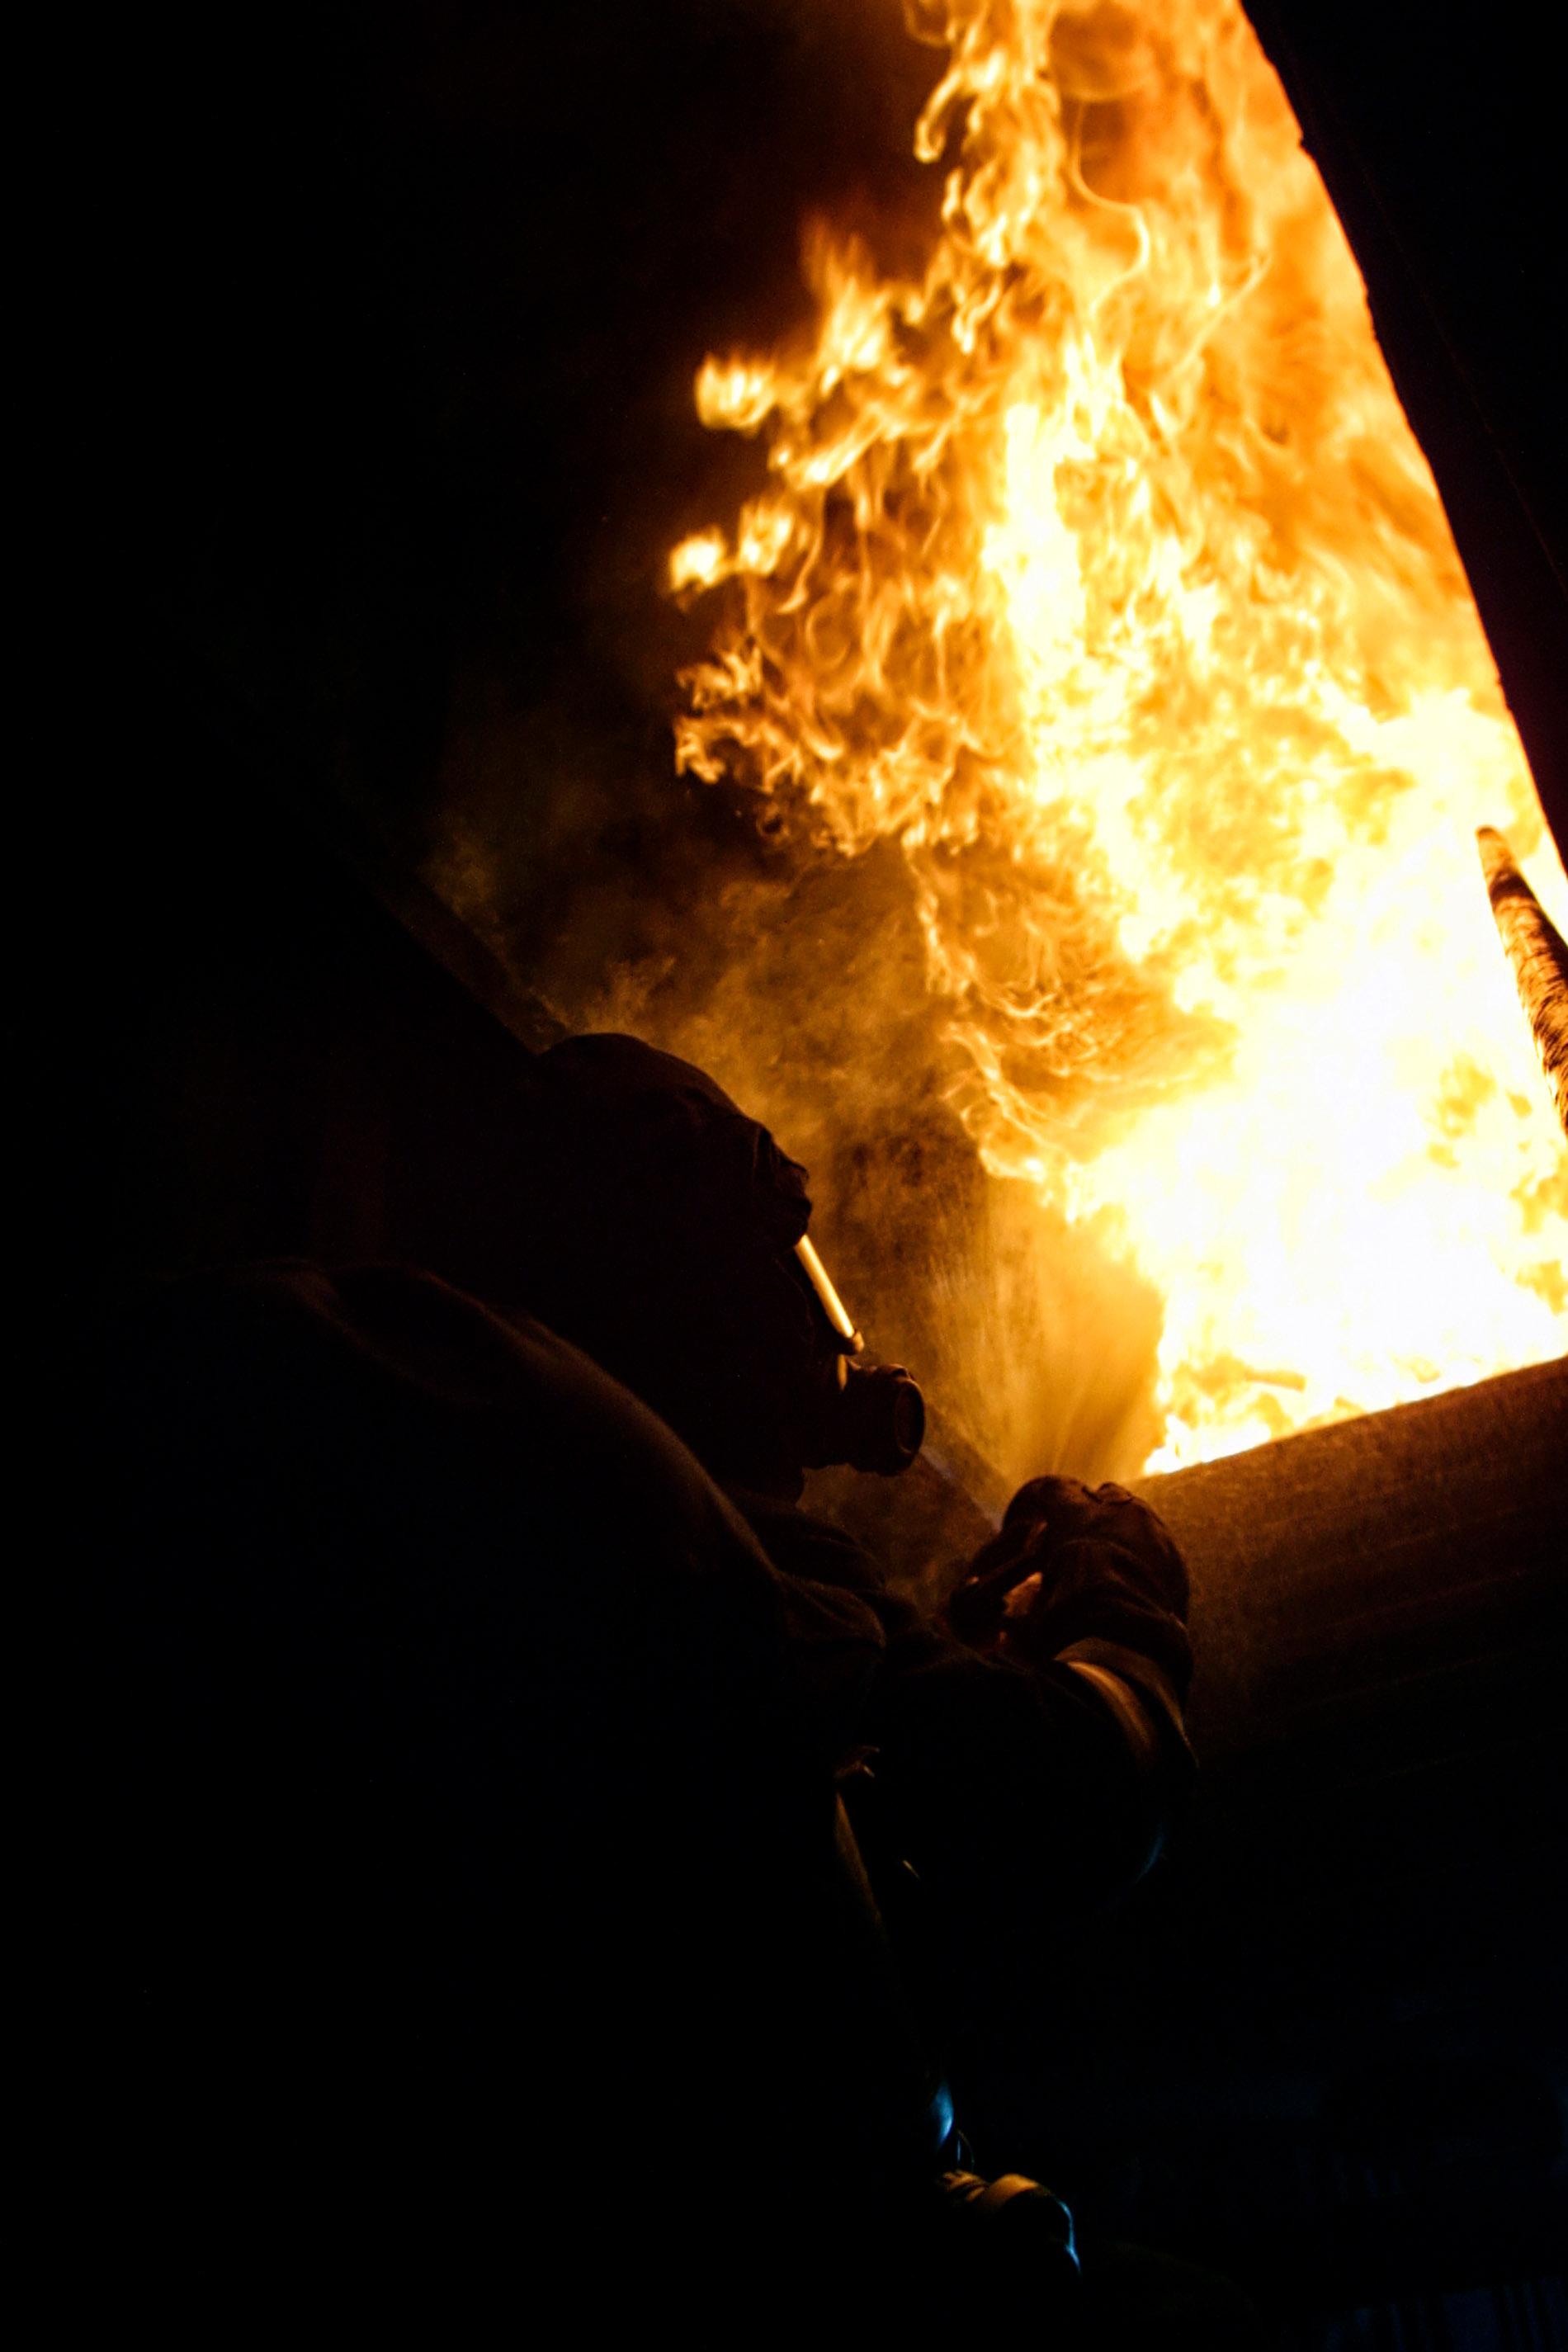 Det finns brandövningar och så finns det brandövningar :) Här får jag vara med när räddningstjänsten tränar och det är varmt, väldigt varmt. Den främre brandmannen vänder sig plötsligt om och ropar att vi måste backa. Jag tycker väll att vi kan ta några bilder till men så blir det inte… När vi kommer ut ser jag att visiret på den främre killens hjälm har börjat smälta och pigmentet på hans skyddskläder har bränts bort. Dom är gråvita. Tur att jag inte var lika envis den dagen som jag annars kan vara…  Foto Mikael Wallerstedt